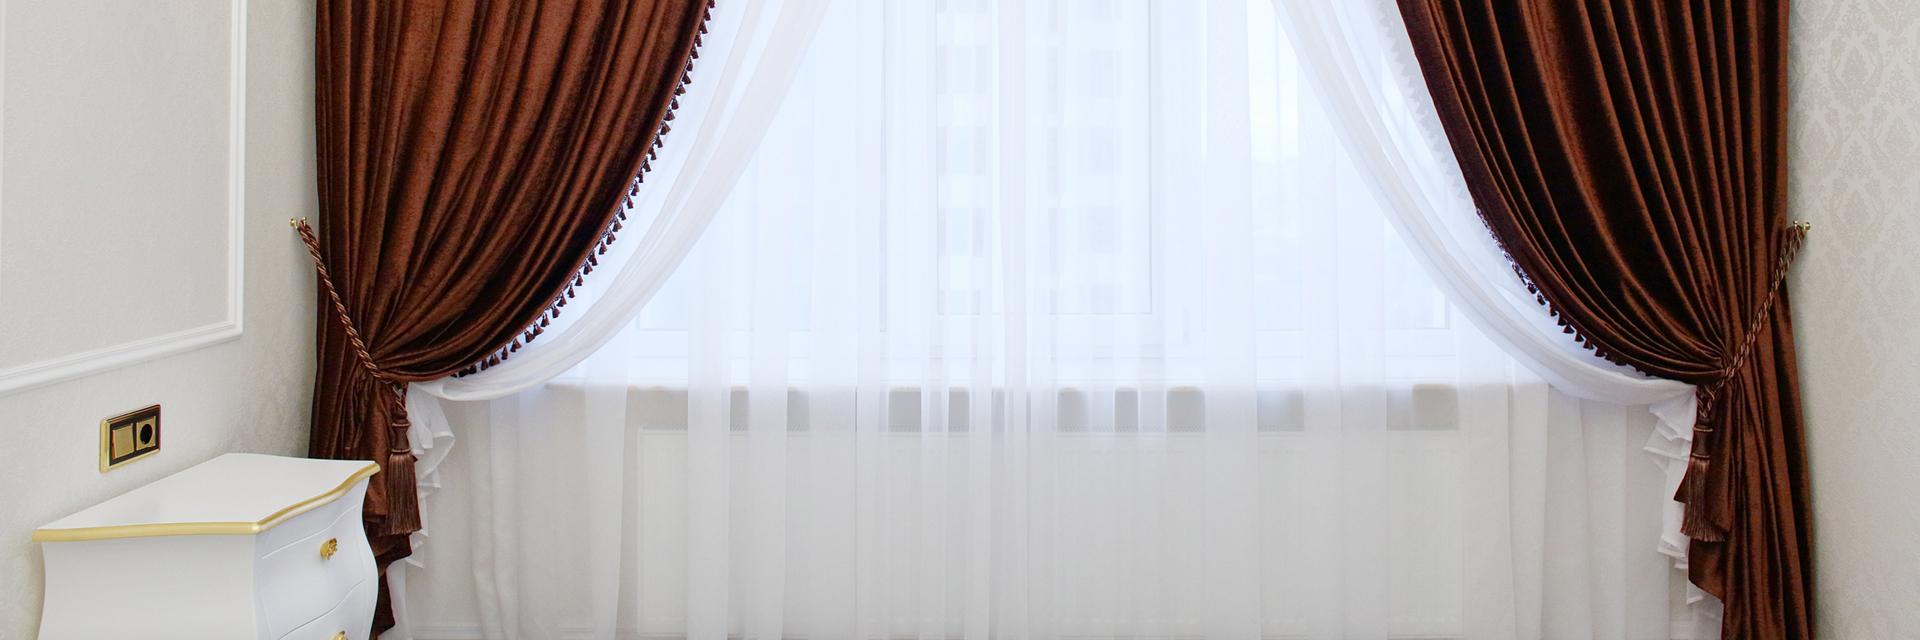 Full Size of Gardinen Fenster Erneuern Kosten Einbau Sicherheitsfolie Einbruchschutz Nachrüsten Sonnenschutzfolie Innen Neue Einbauen Sichtschutz Einbruchsicherung Fenster Stores Fenster